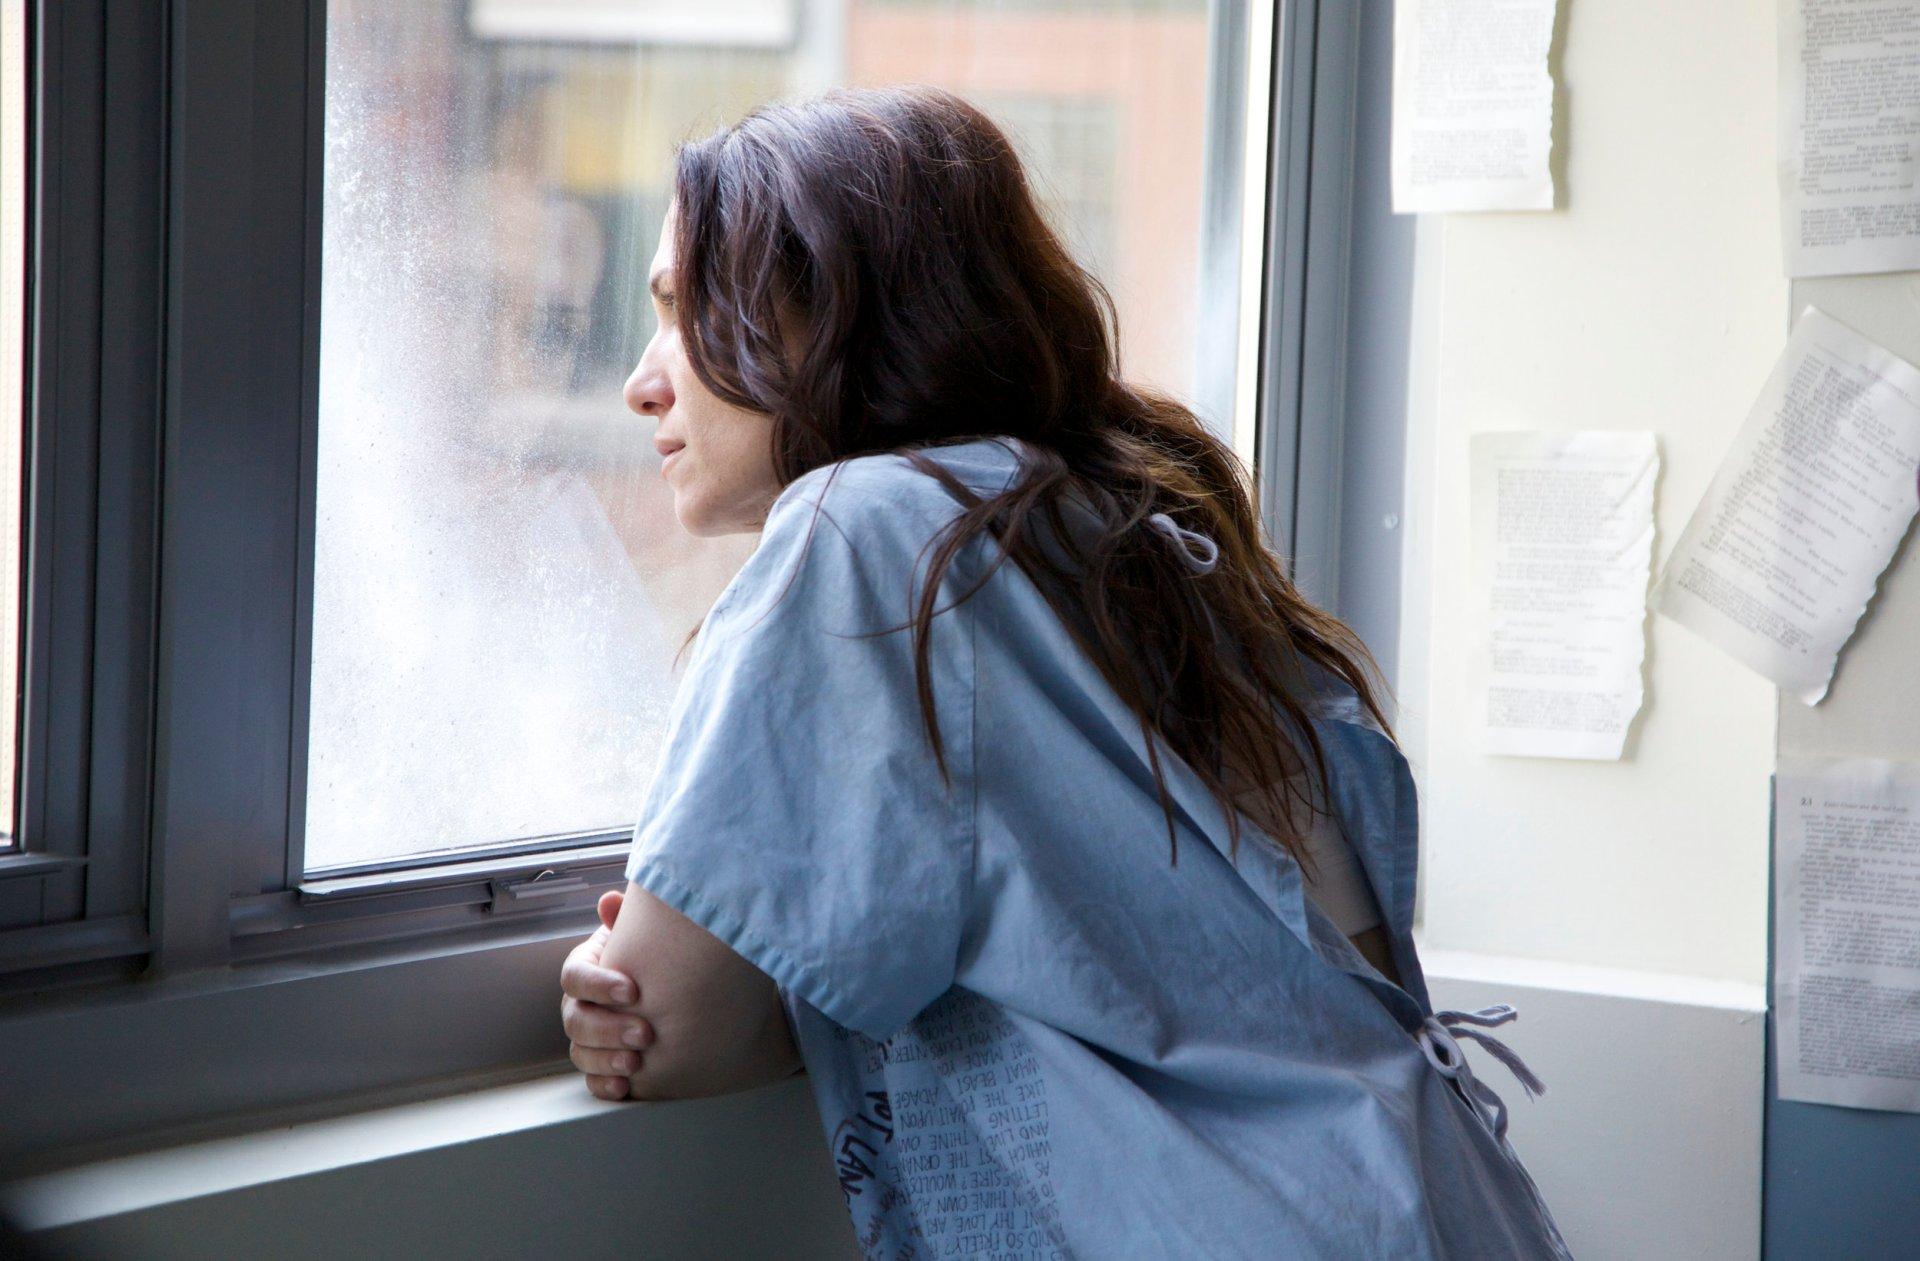 The+Sounding+-+window+hi-rez-+Catherine+Eaton.jpg